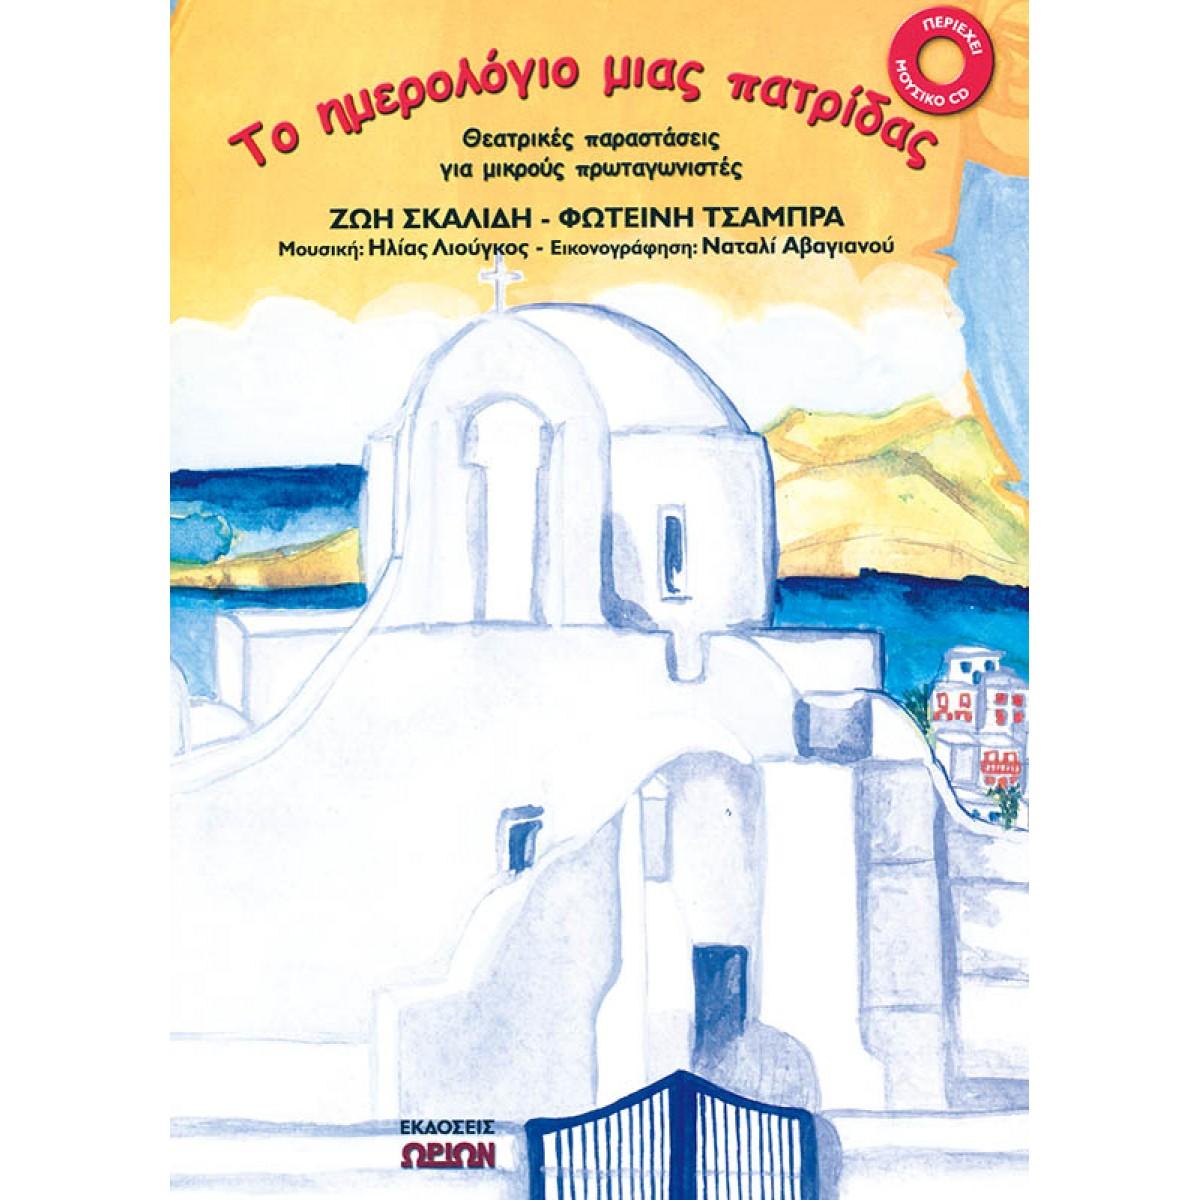 ΤΟ ΗΜΕΡΟΛΟΓΙΟ ΜΙΑΣ ΠΑΤΡΙΔΑΣ (+ CD) Βιβλία Ωρίων